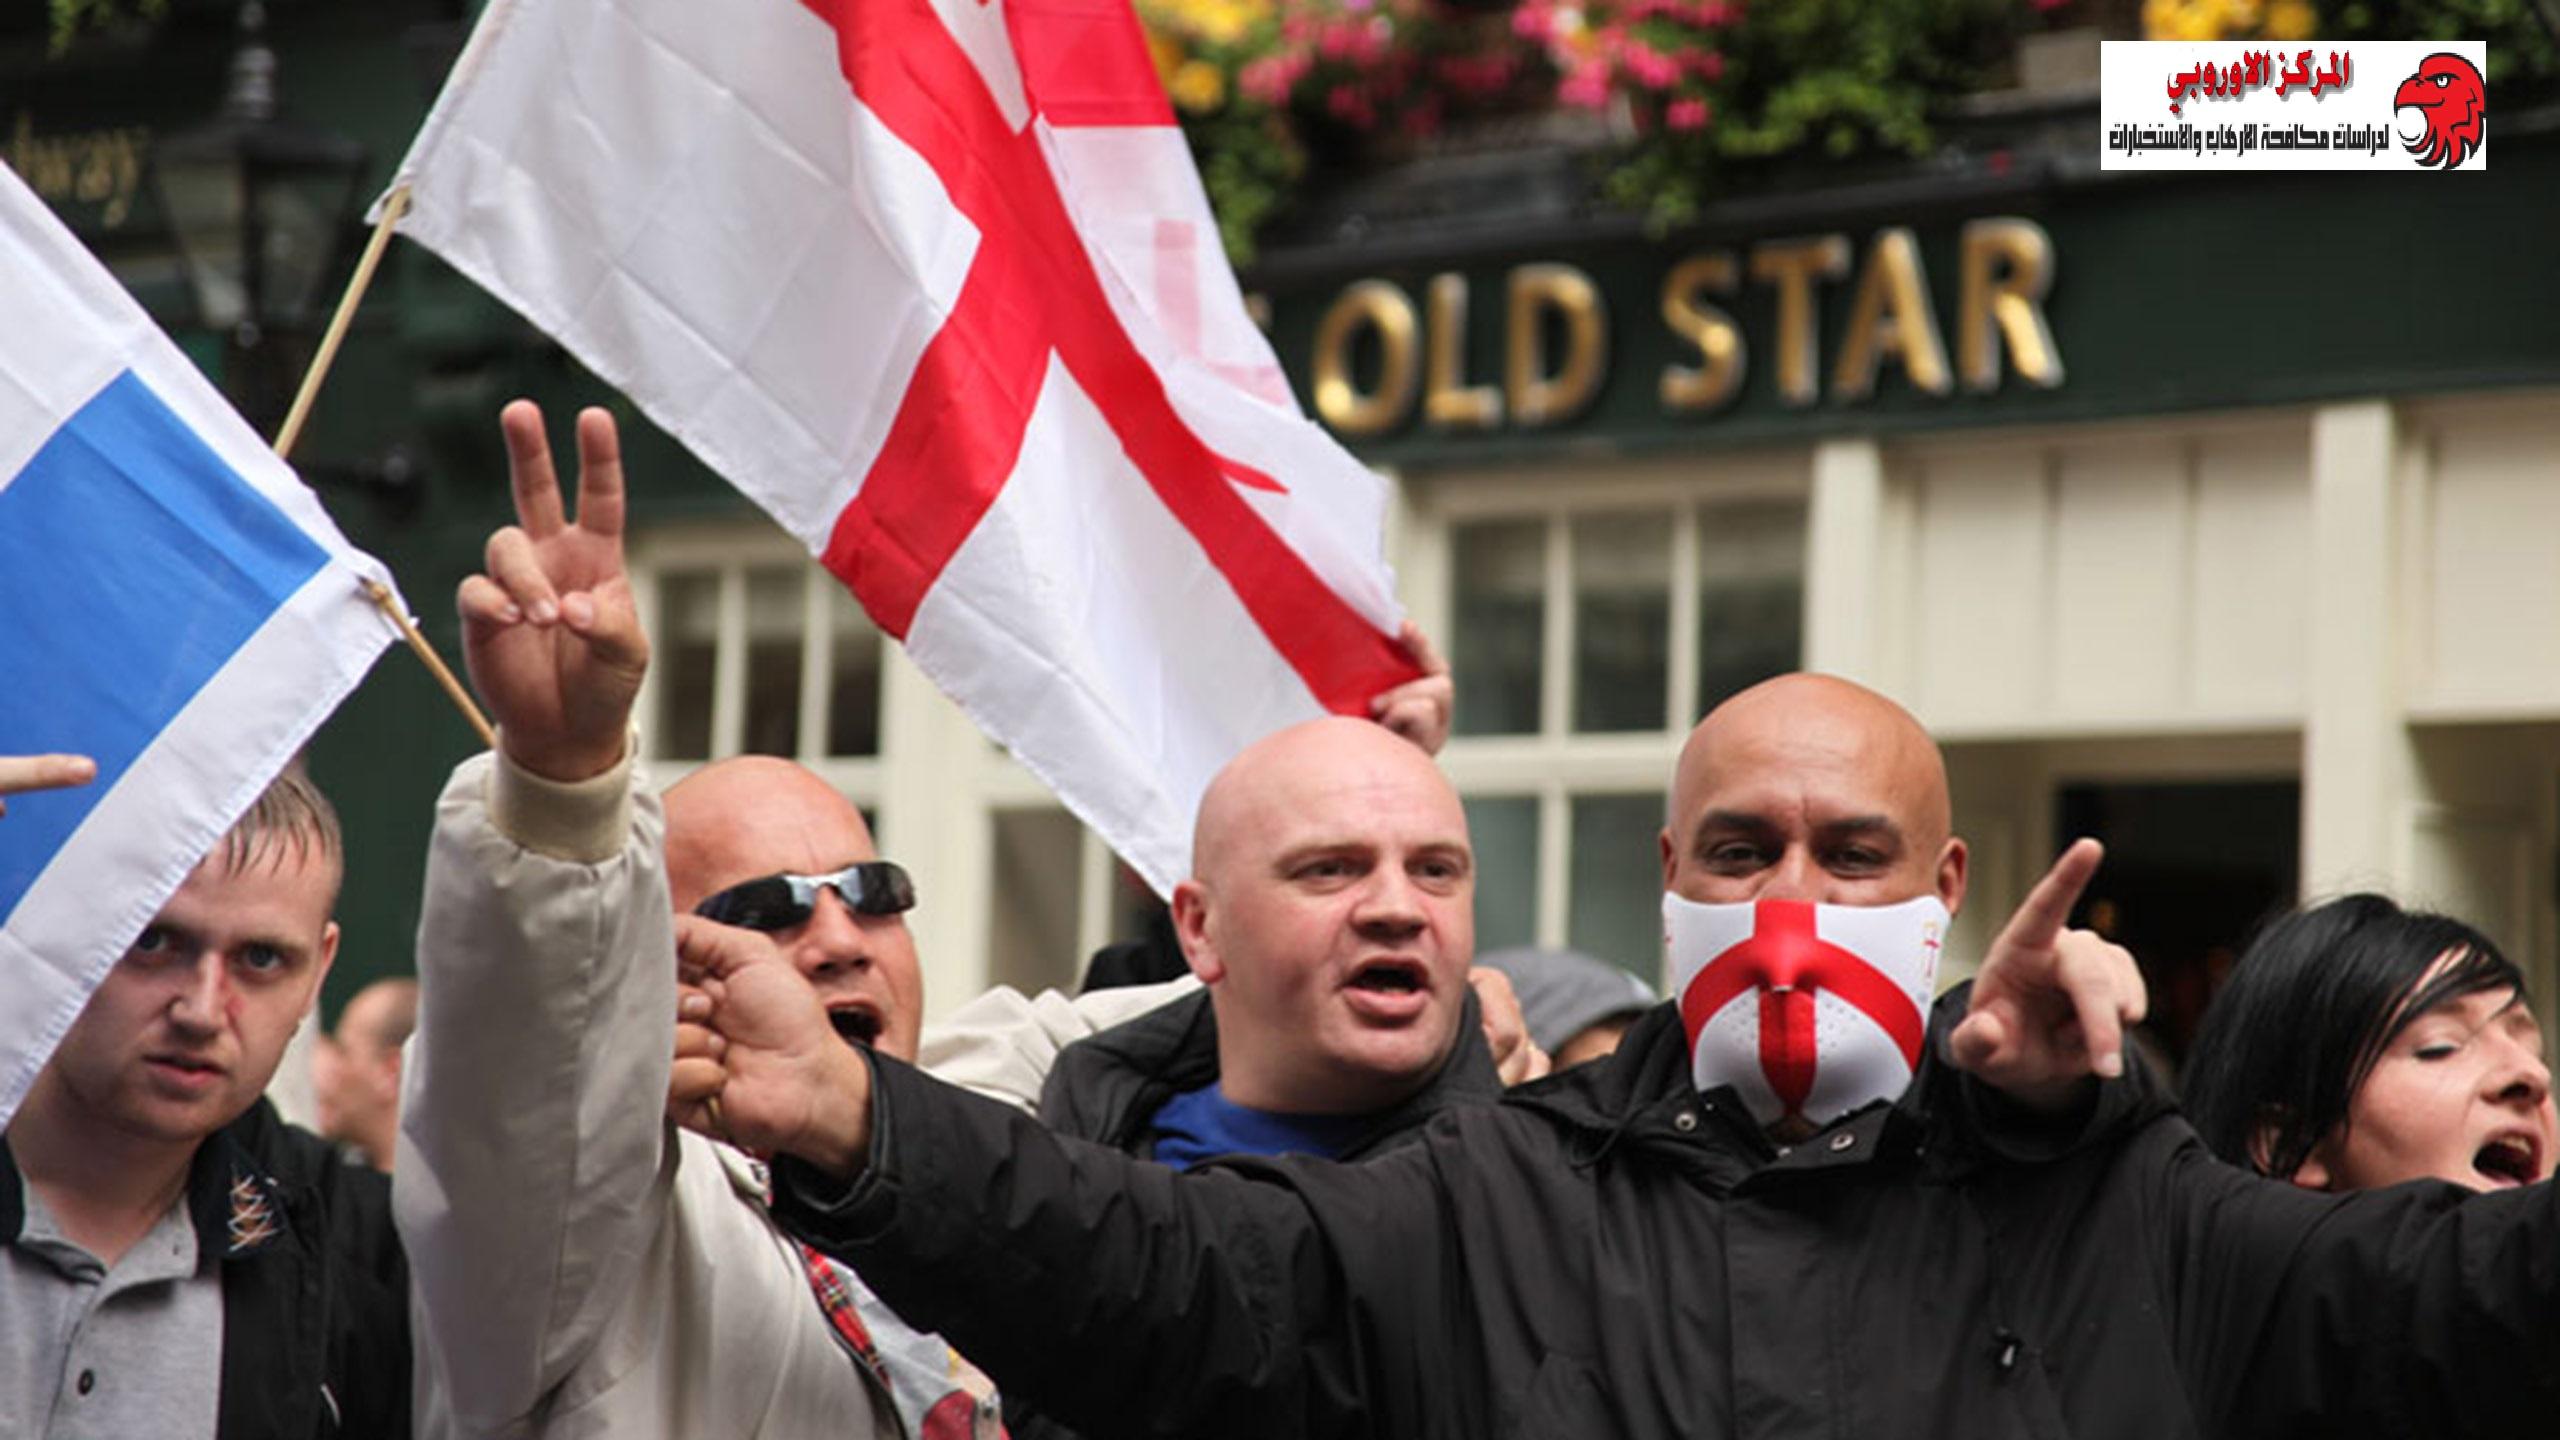 مخاطر تنامي اليمين المتطرف في بريطانيا